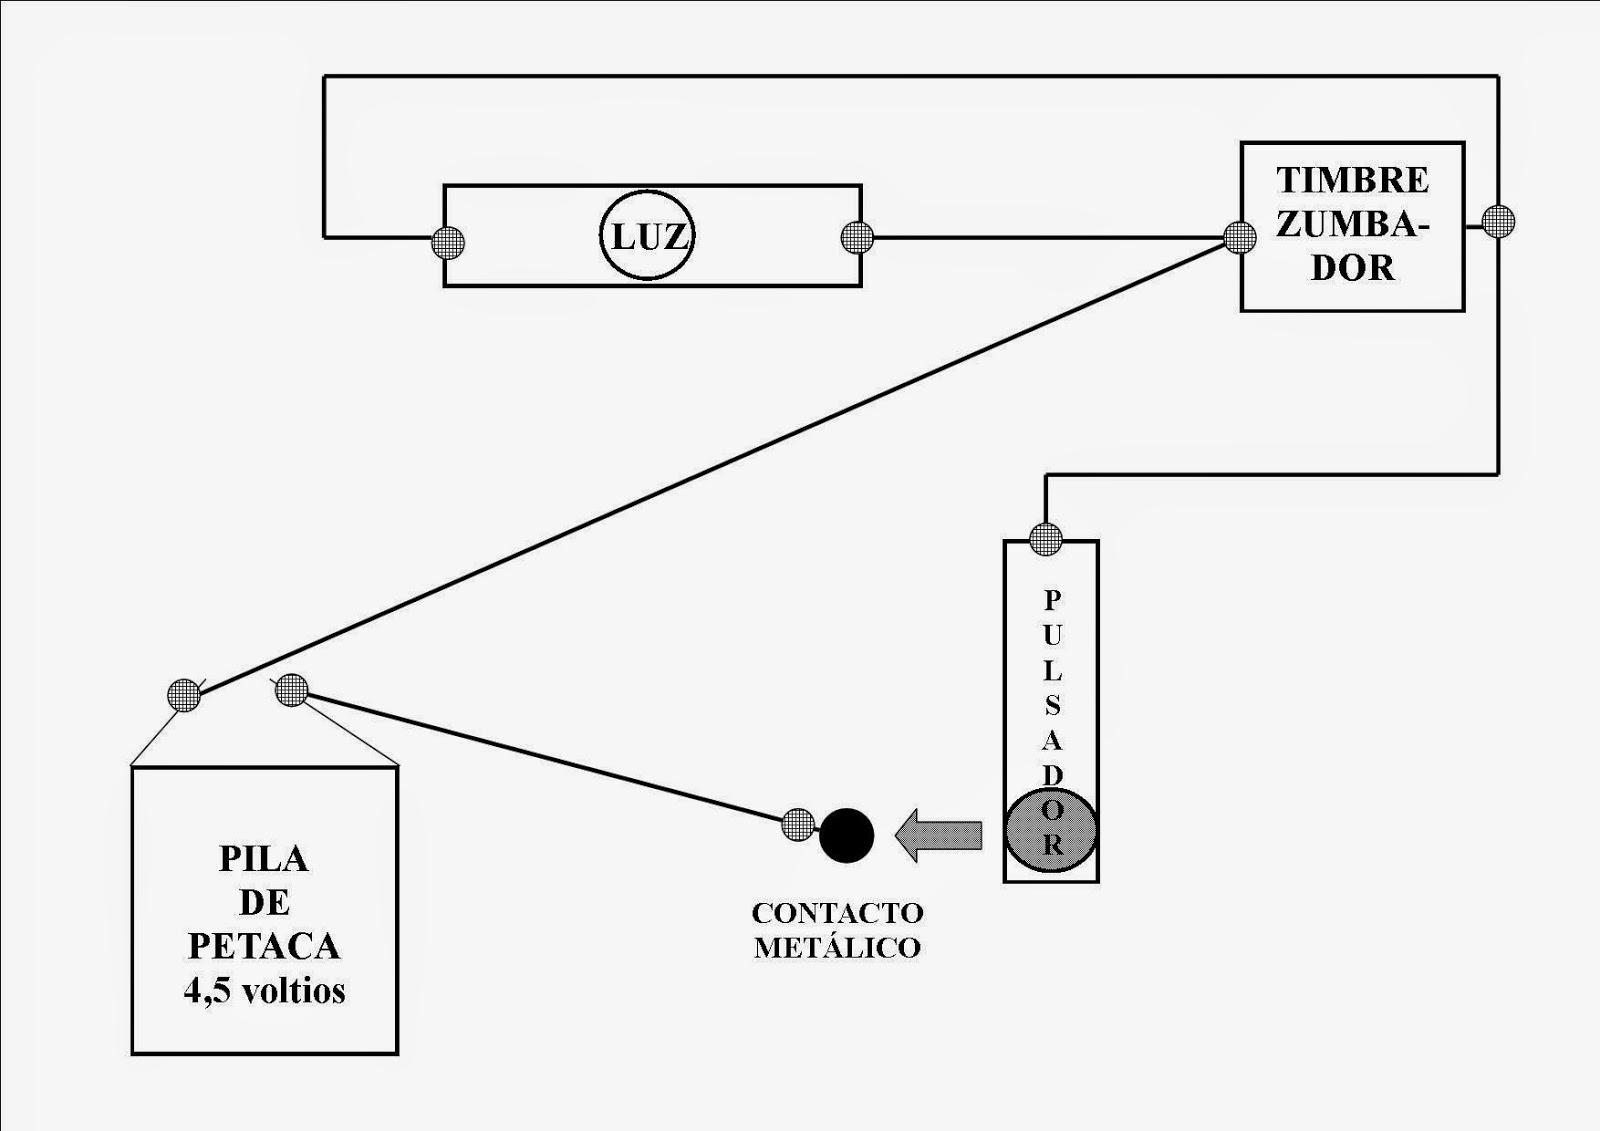 manual del cient u00edfico  tel u00e9grafo  esquema del circuito